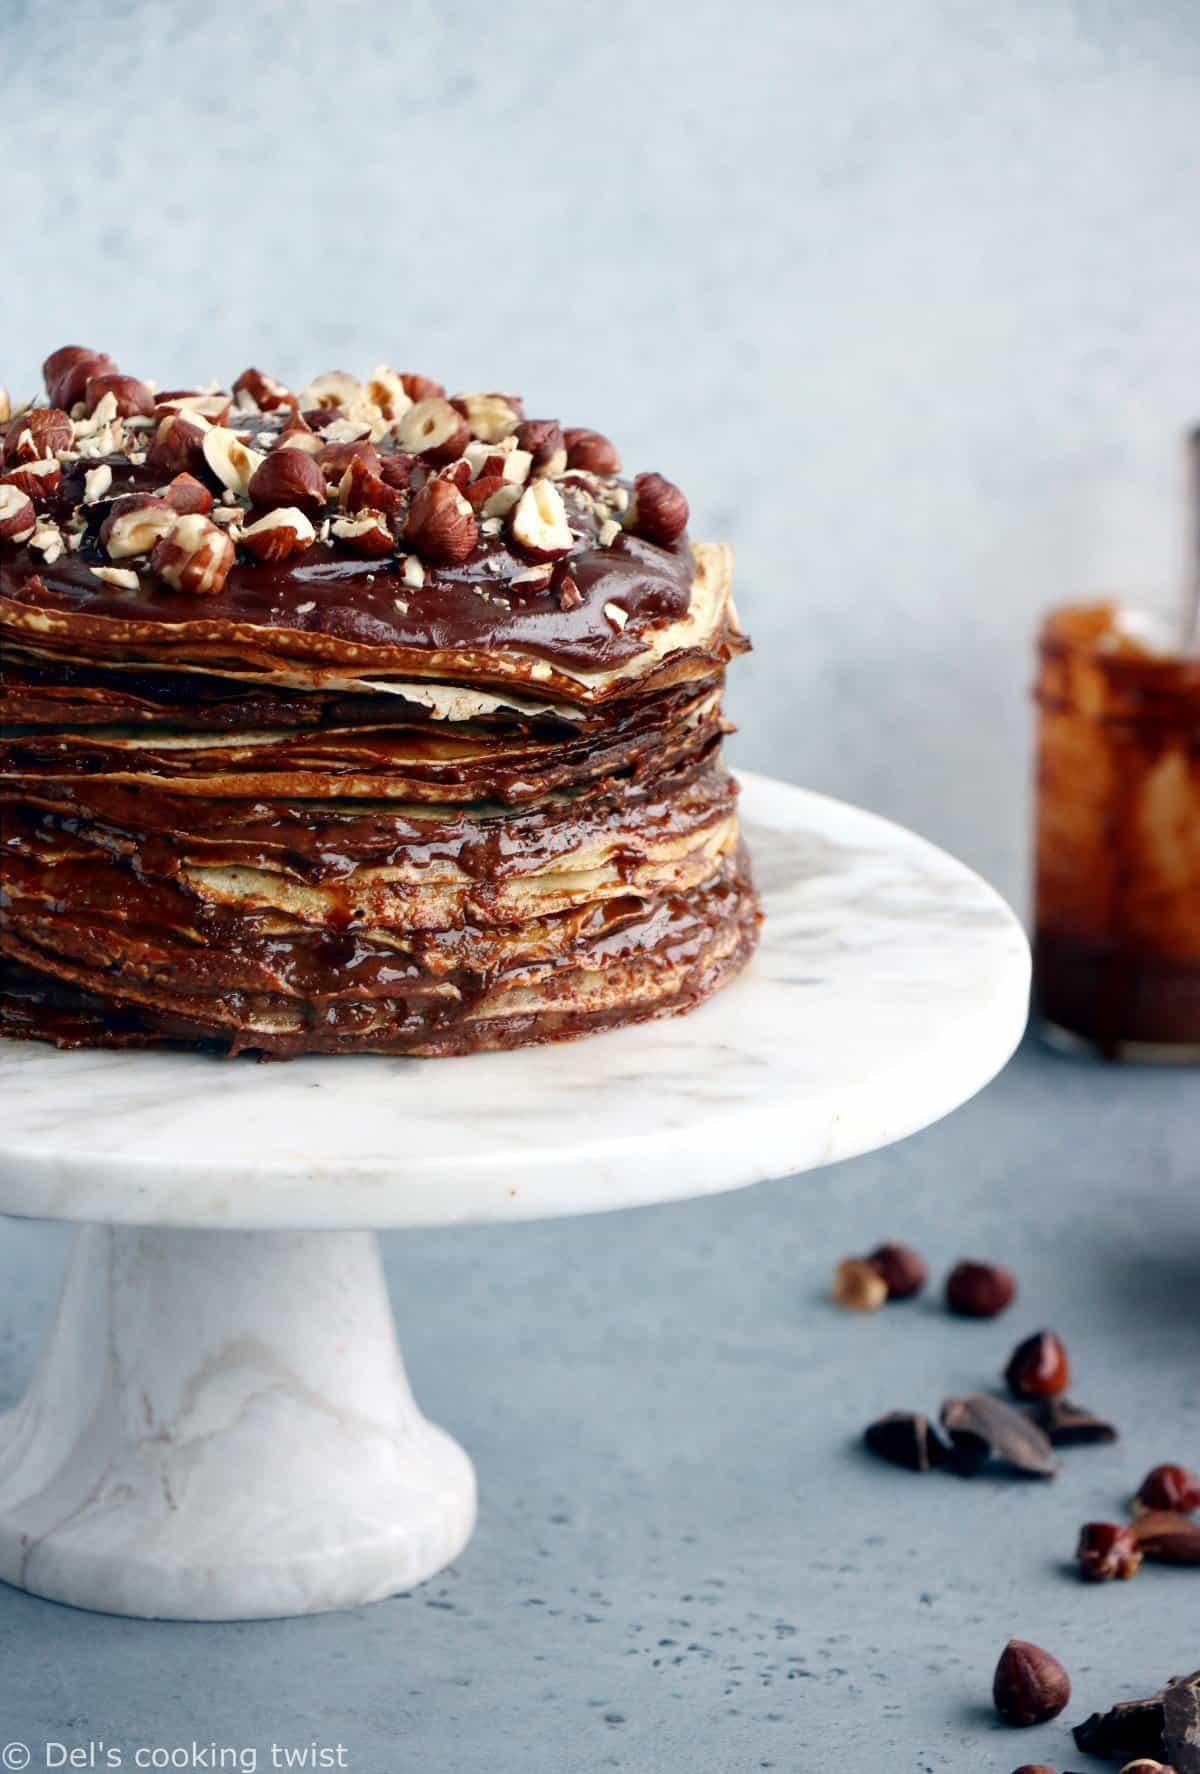 Chocolate Praline Crêpe Cake